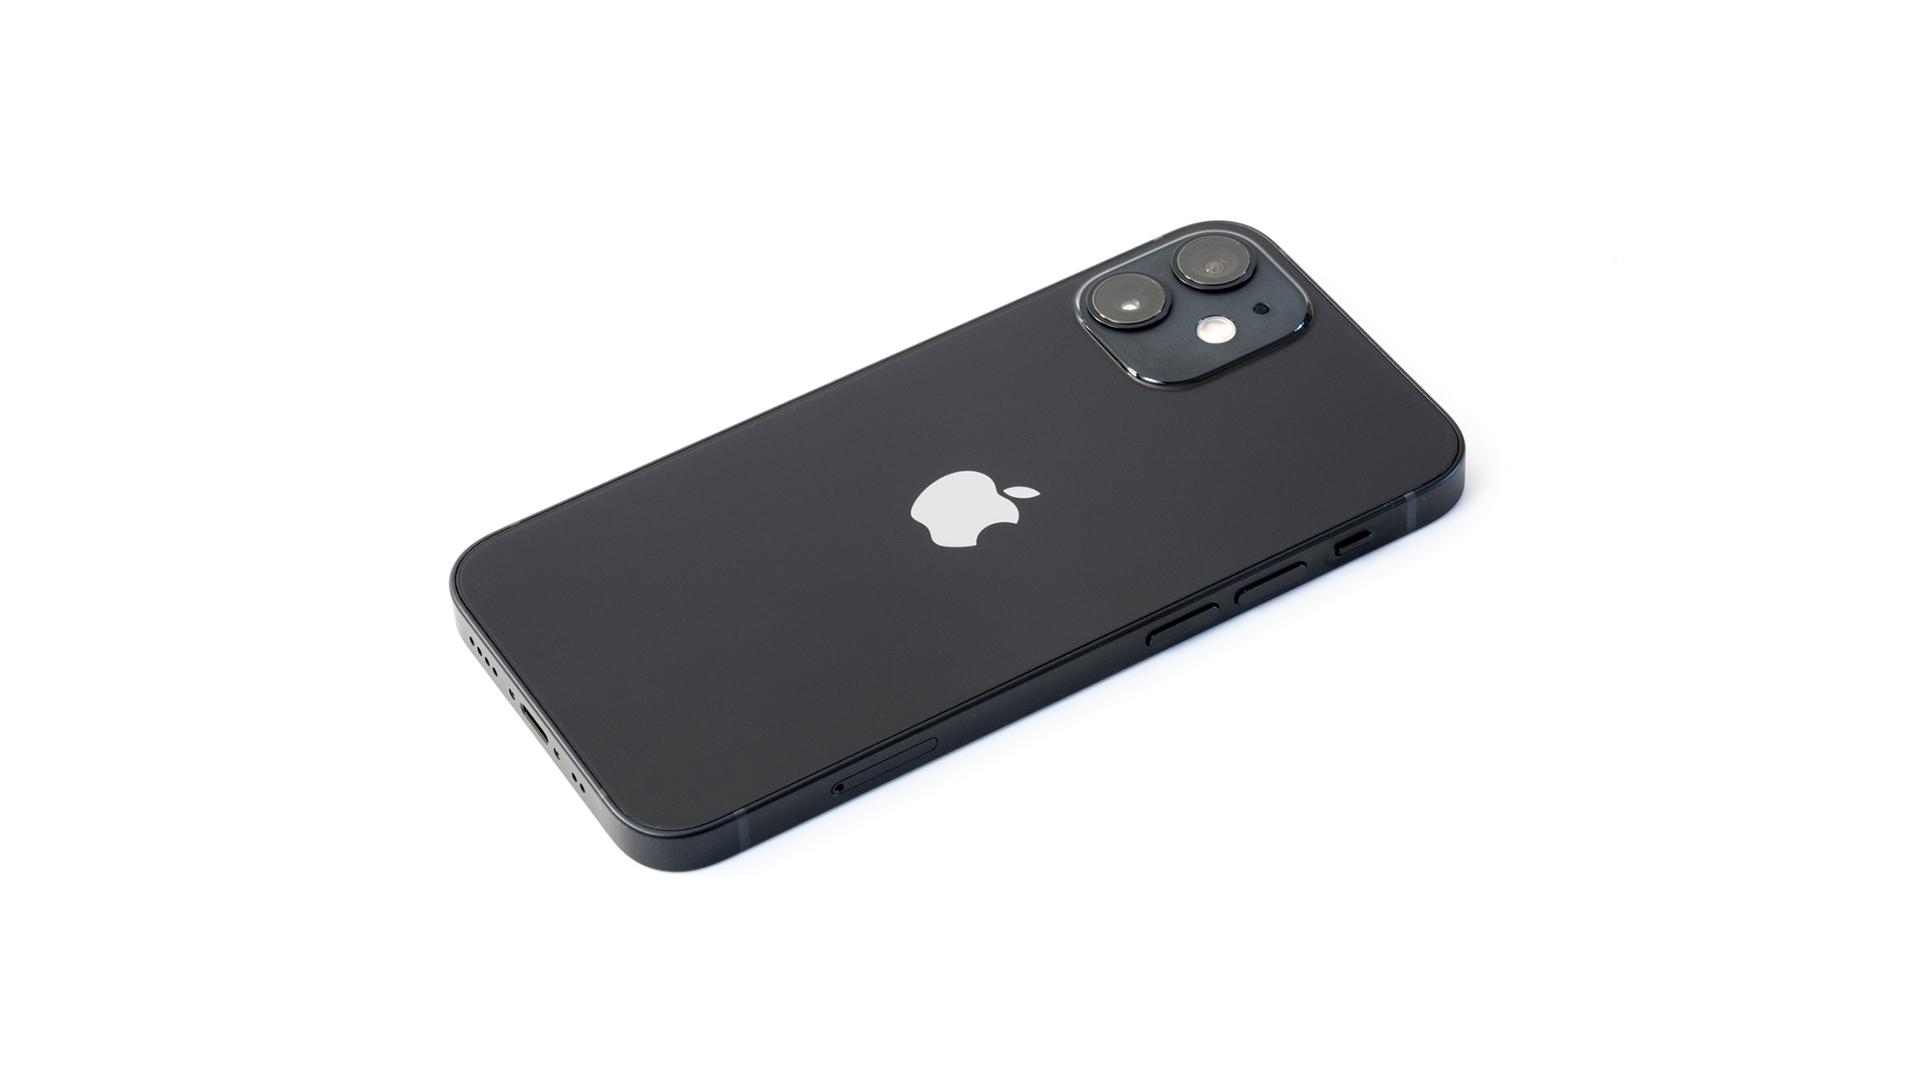 iPhone 12 mini ブラック 外観レビュー